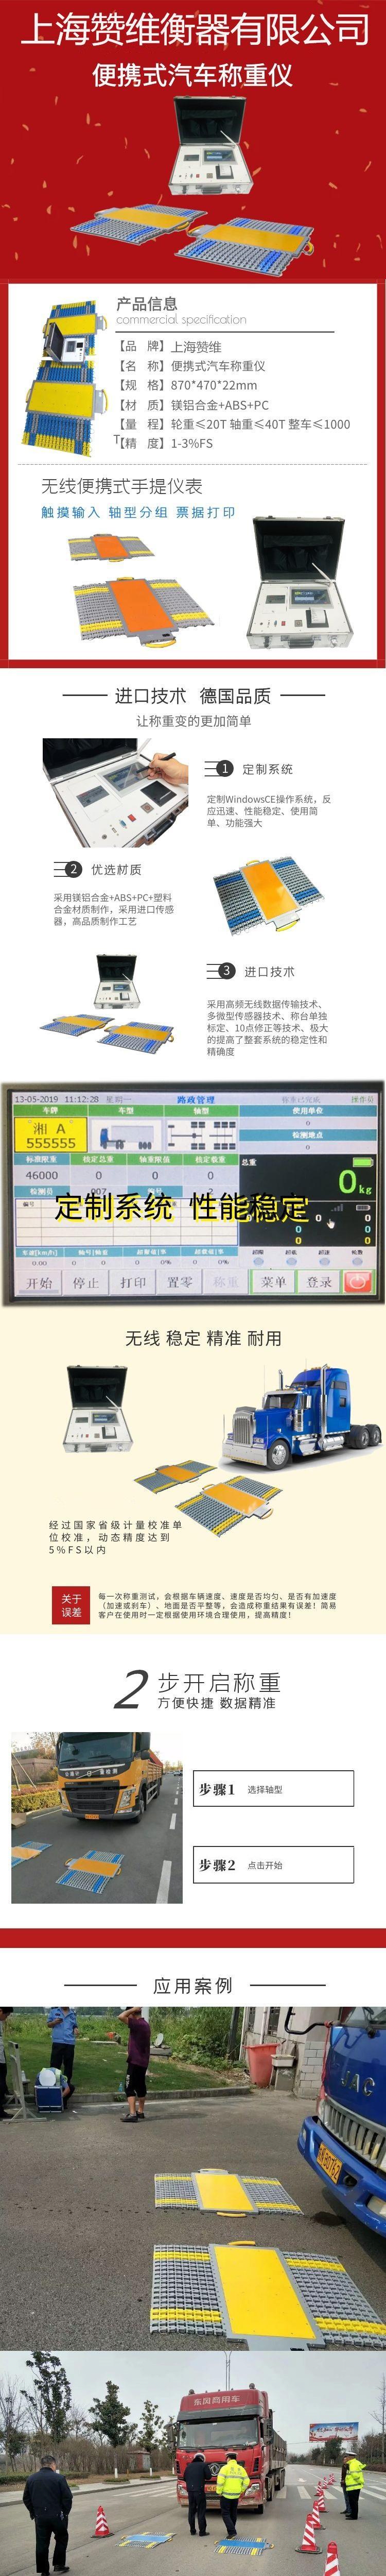 赞维便携式地磅 车辆称重移动式地磅秤 无线动态触摸屏便携式汽车称重仪示例图2